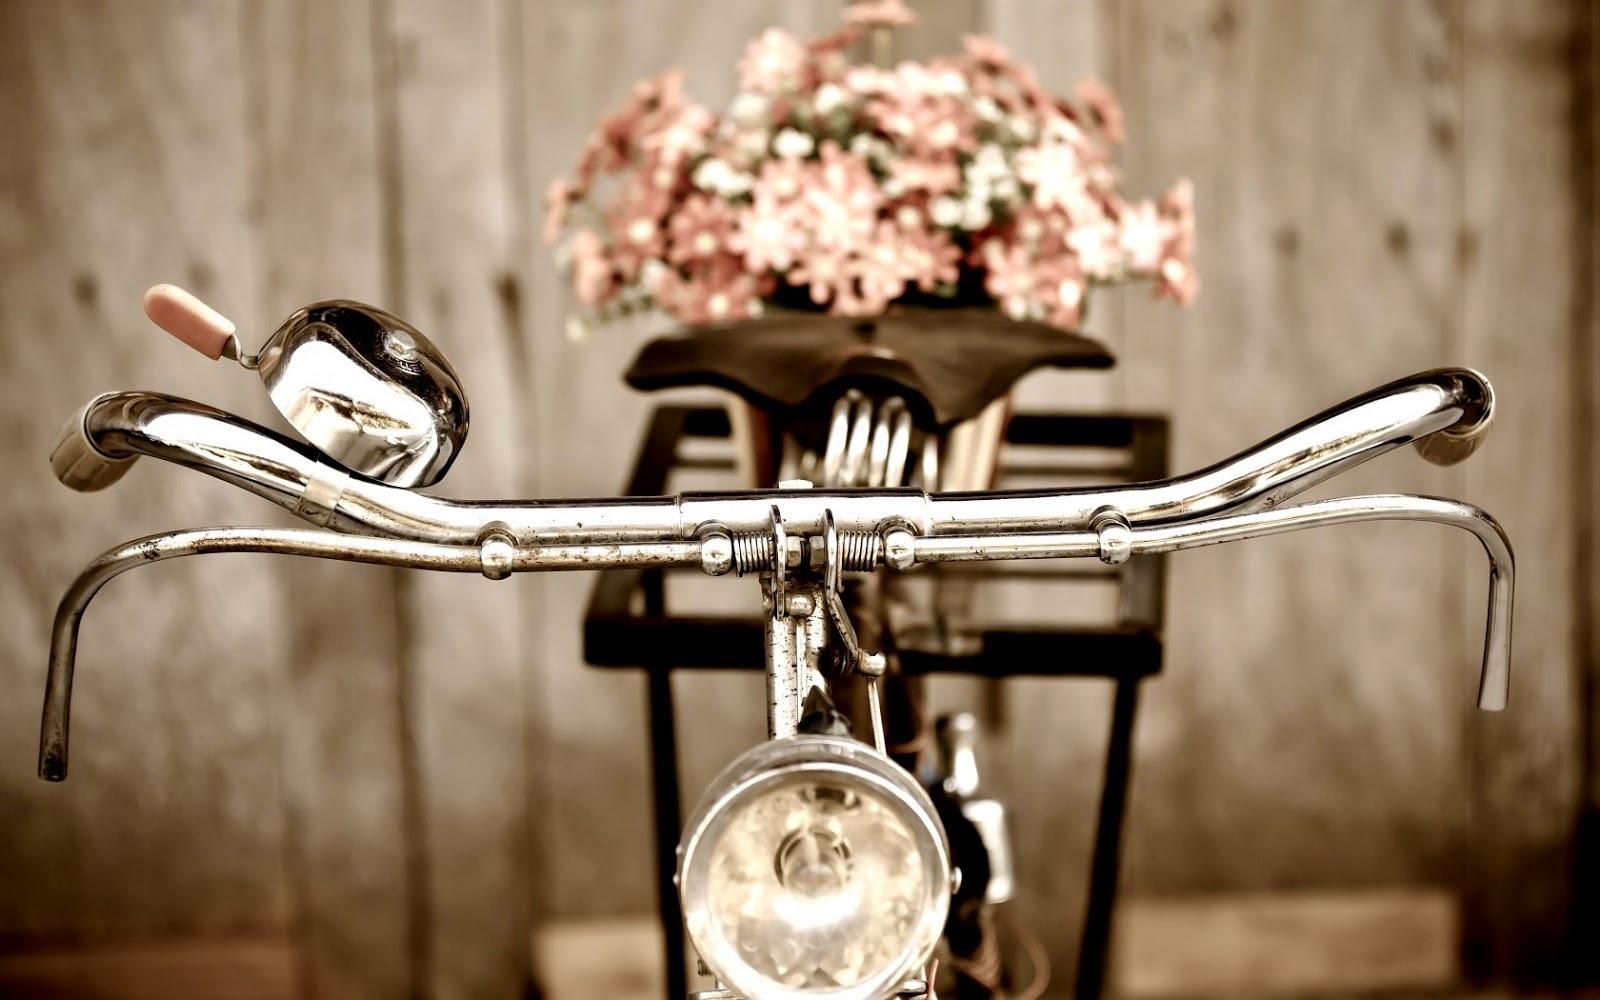 http://freehdwalls.net/bicycle-flowers-retro-bokeh-hd-wallpaper/